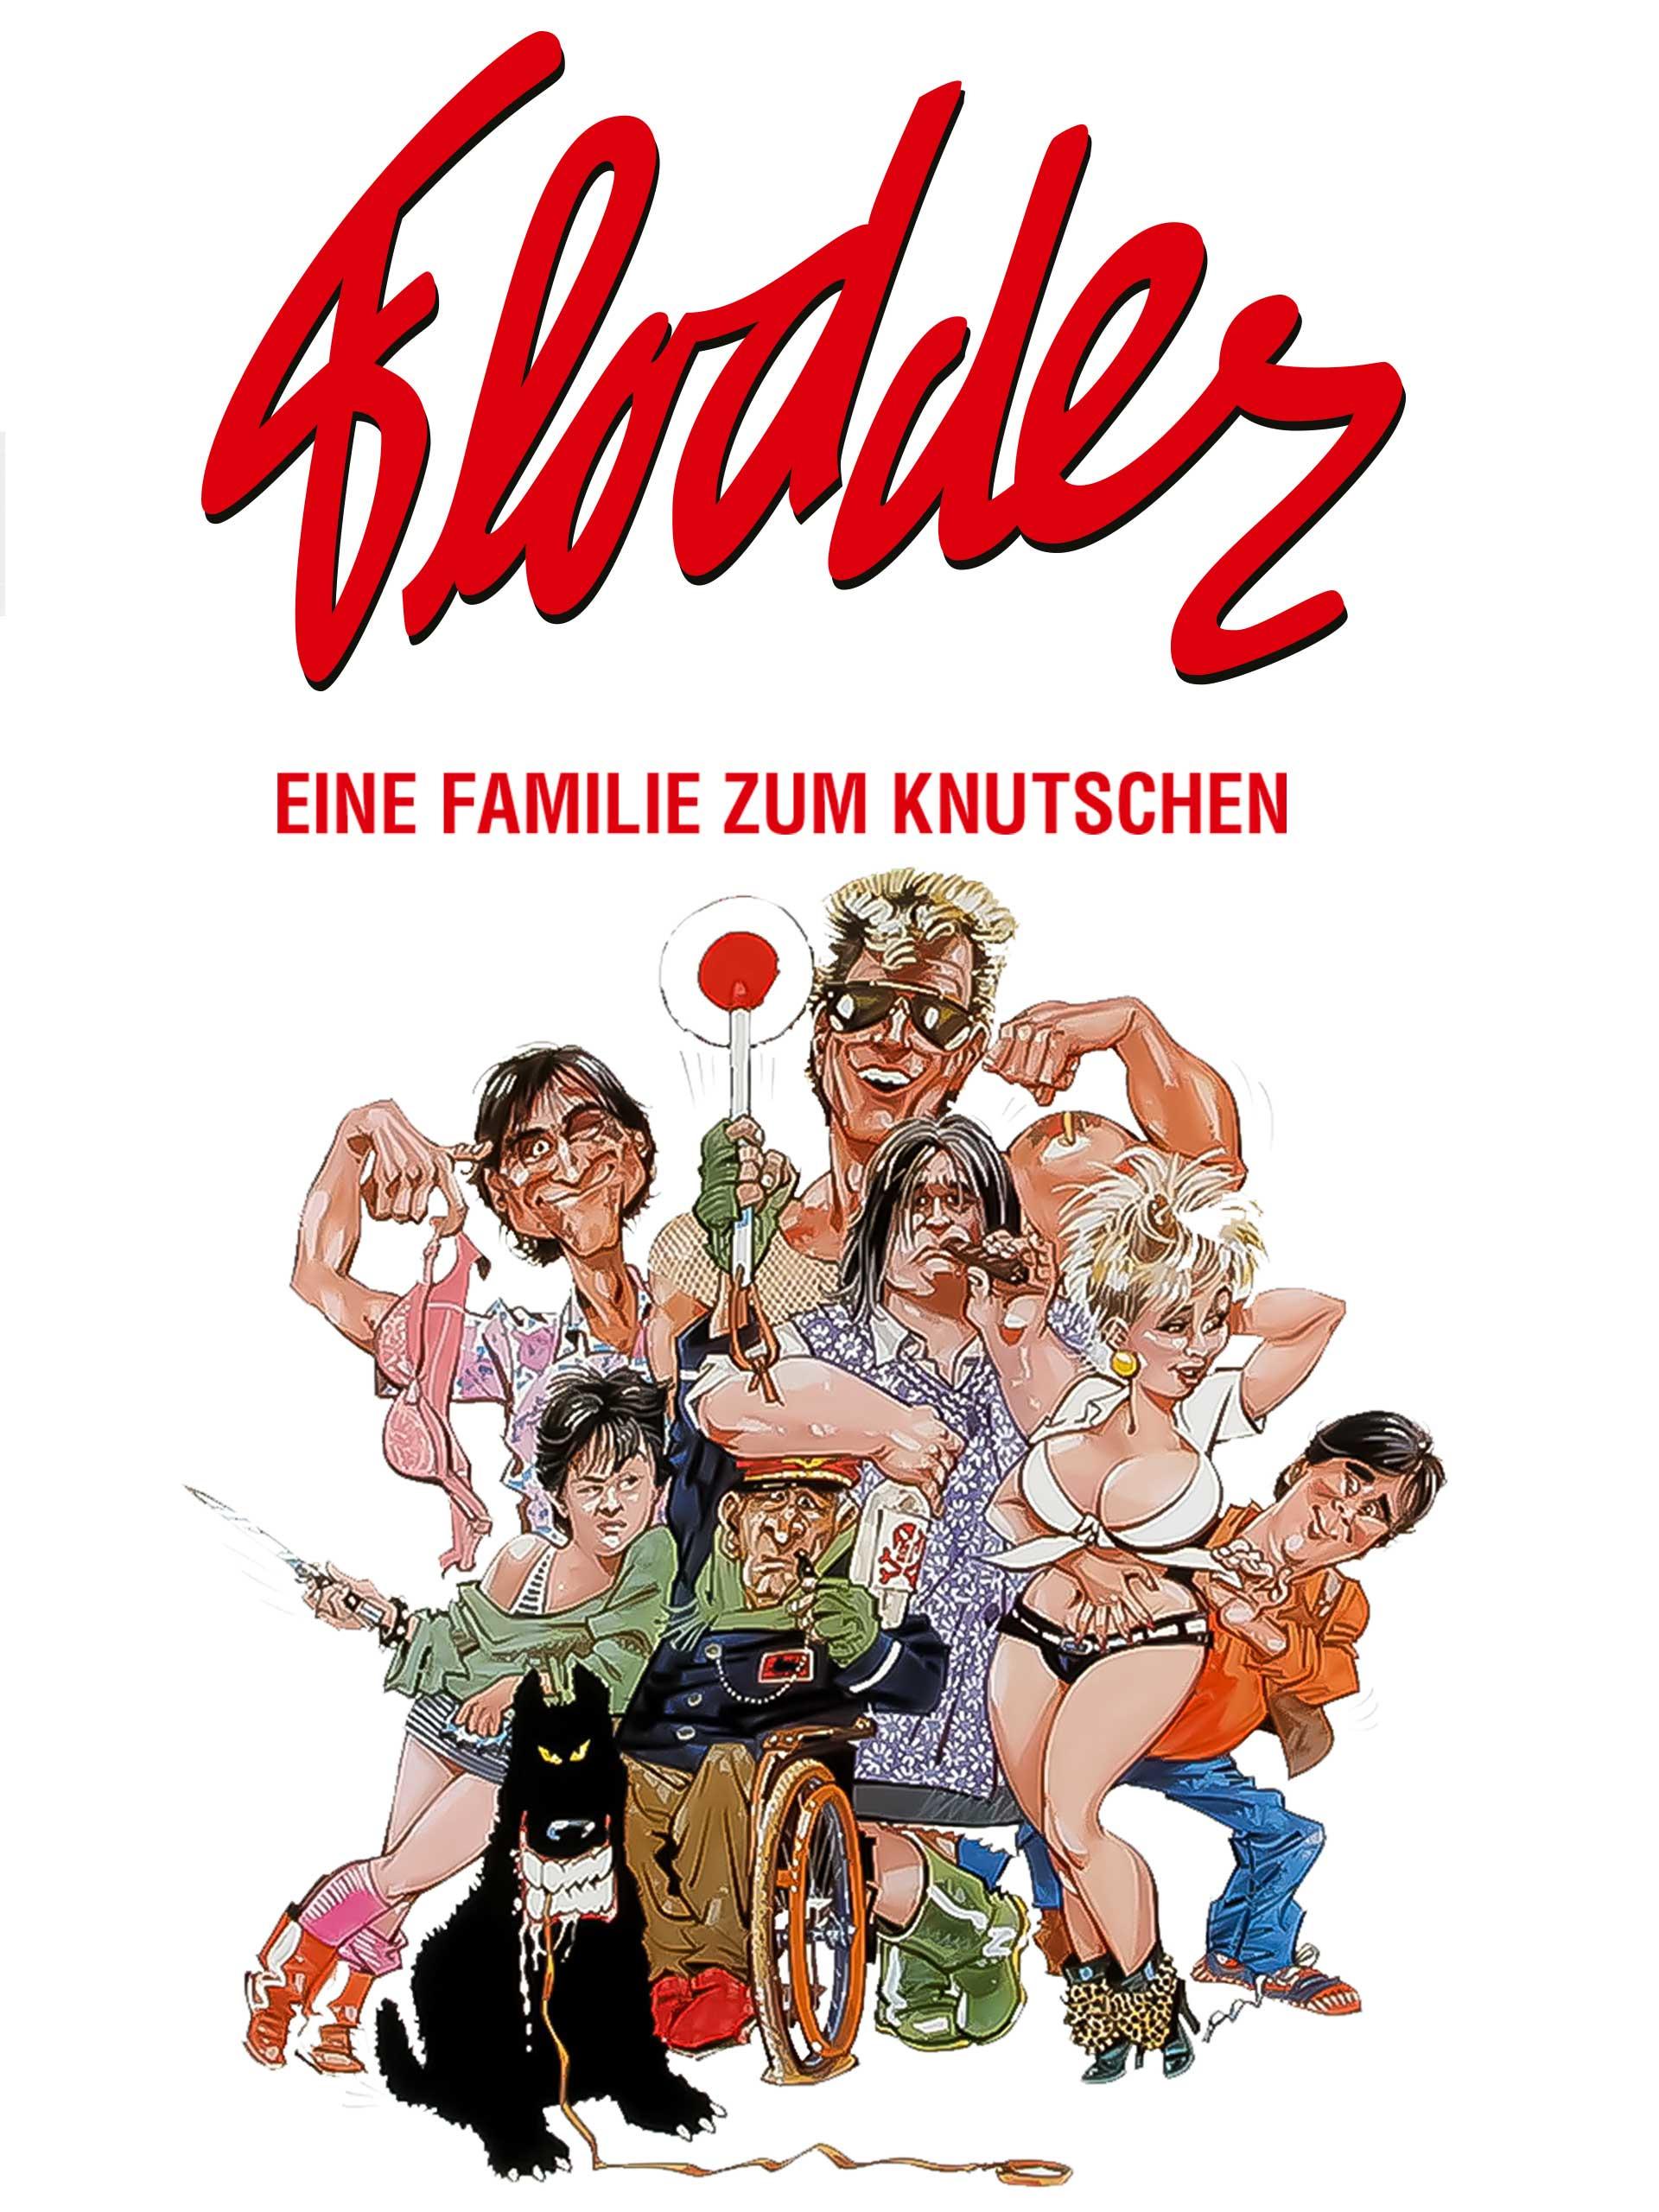 Flodder - Eine Familie zum Knutschen